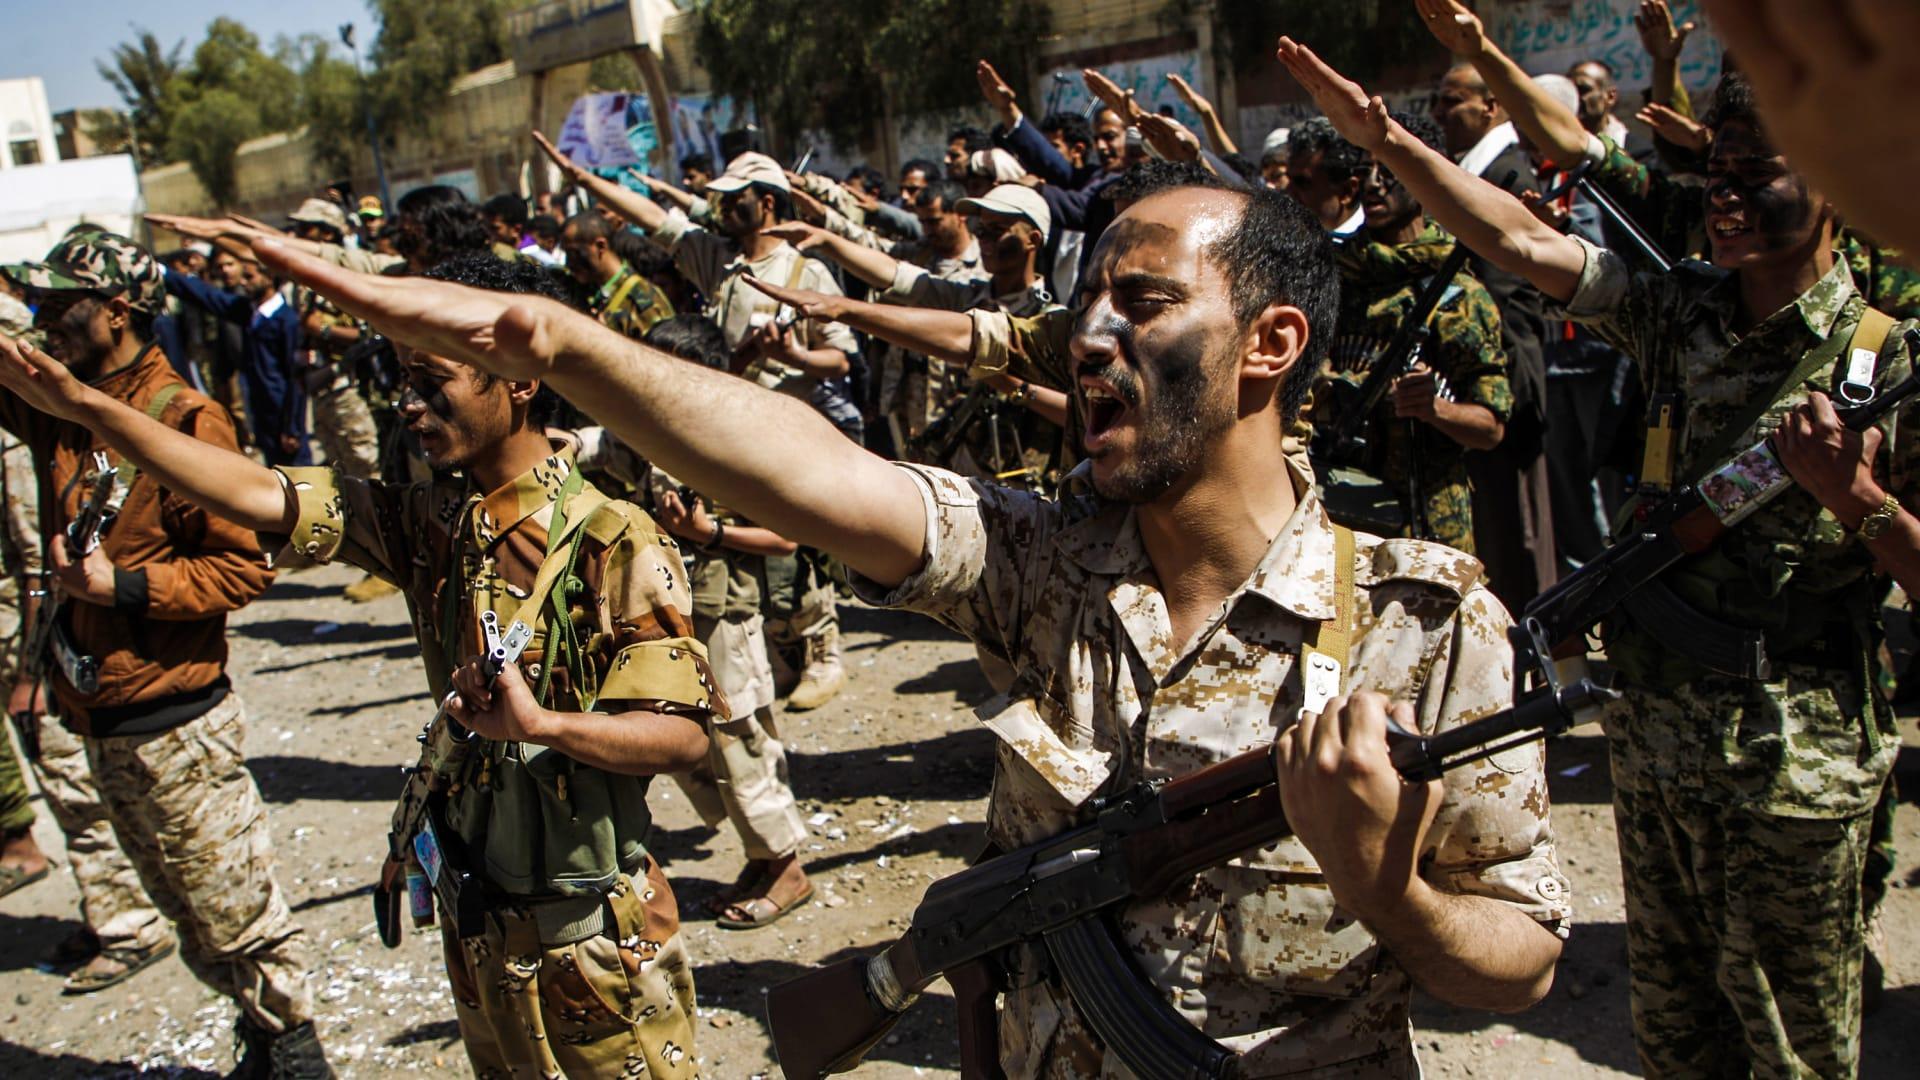 هل توقيع الـUN مذكرة مع الحوثي اعتراف بحكومتهم؟ غوتيريس يوضح